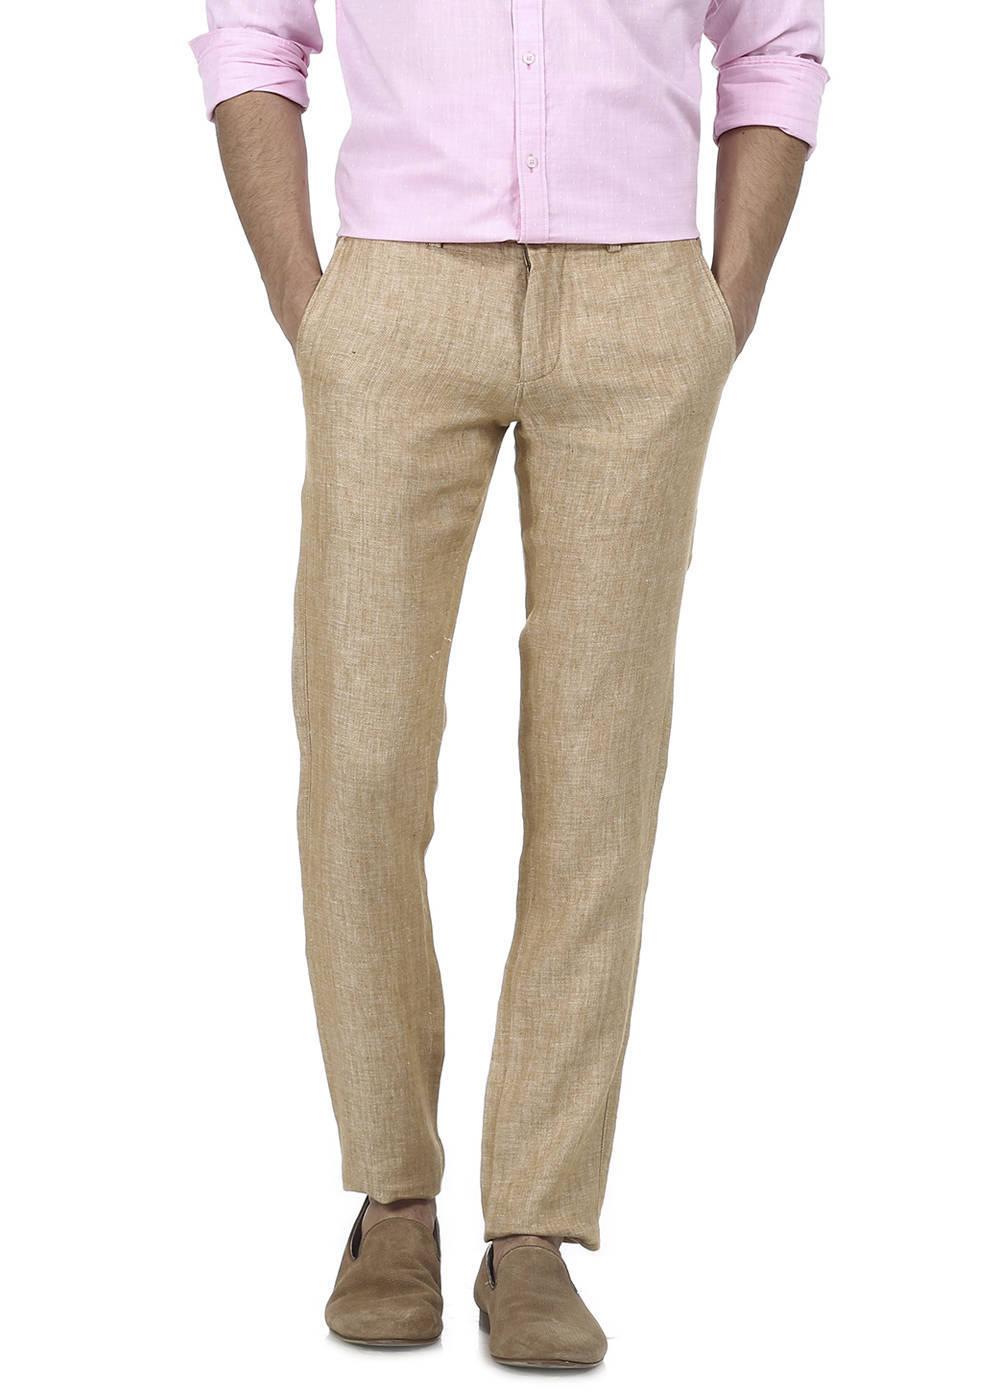 Basics | Basics Tapered Fit Wood Thrush Linen Trouser